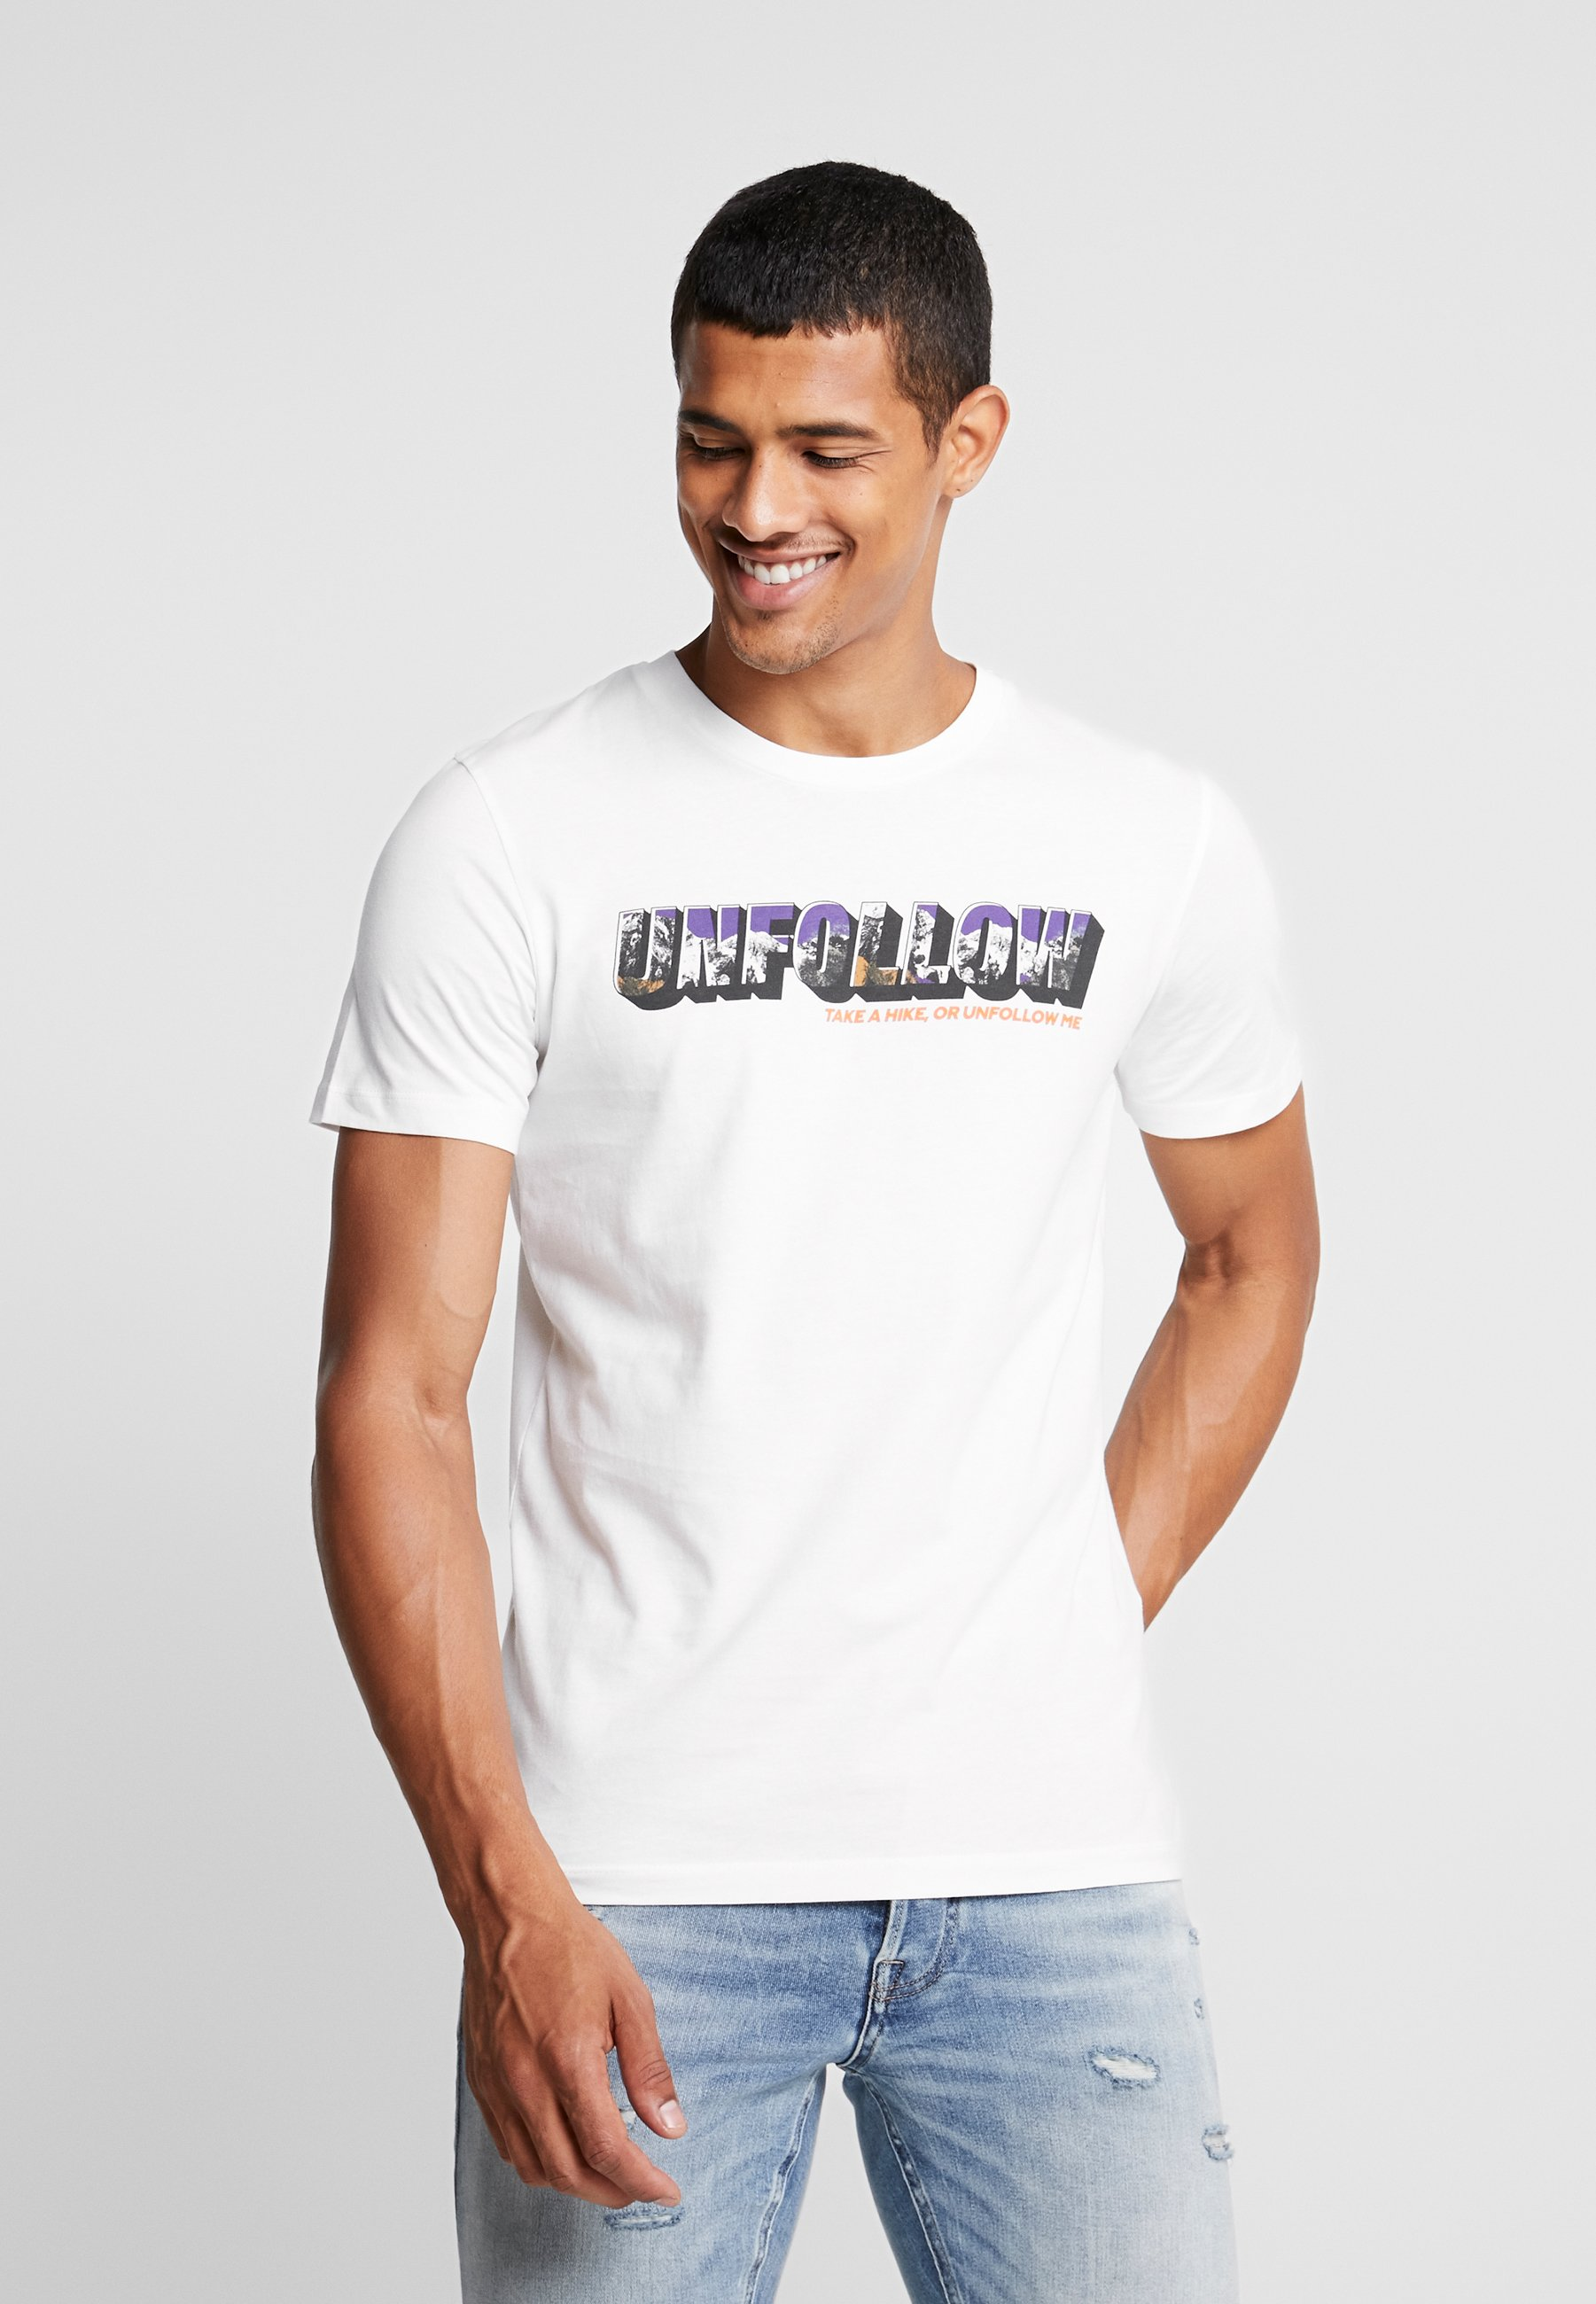 Joralpiner Tee Imprimé Jackamp; shirt Cloud Jones Dancer Crew NeckT MGSzVpqU